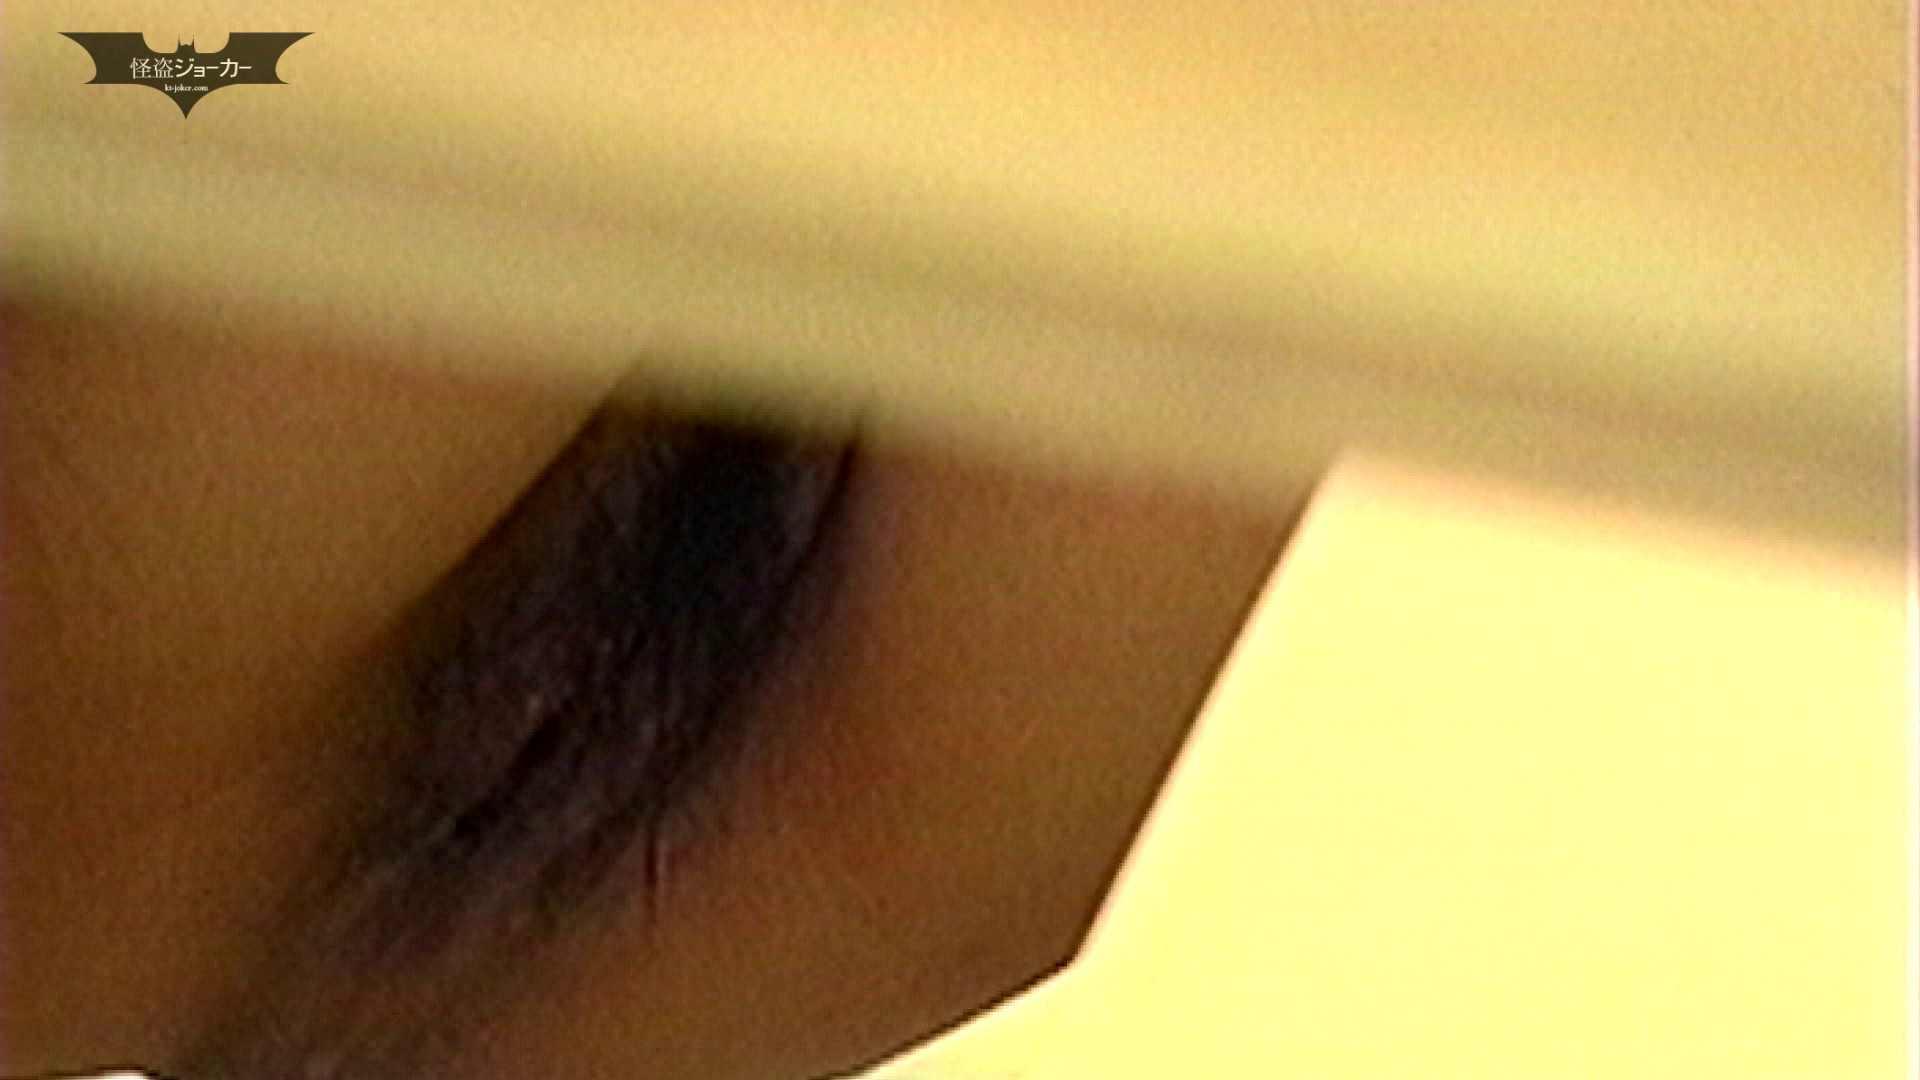 女の子の休み時間のひととき Vol.03 隠れた名作   学校  54画像 1